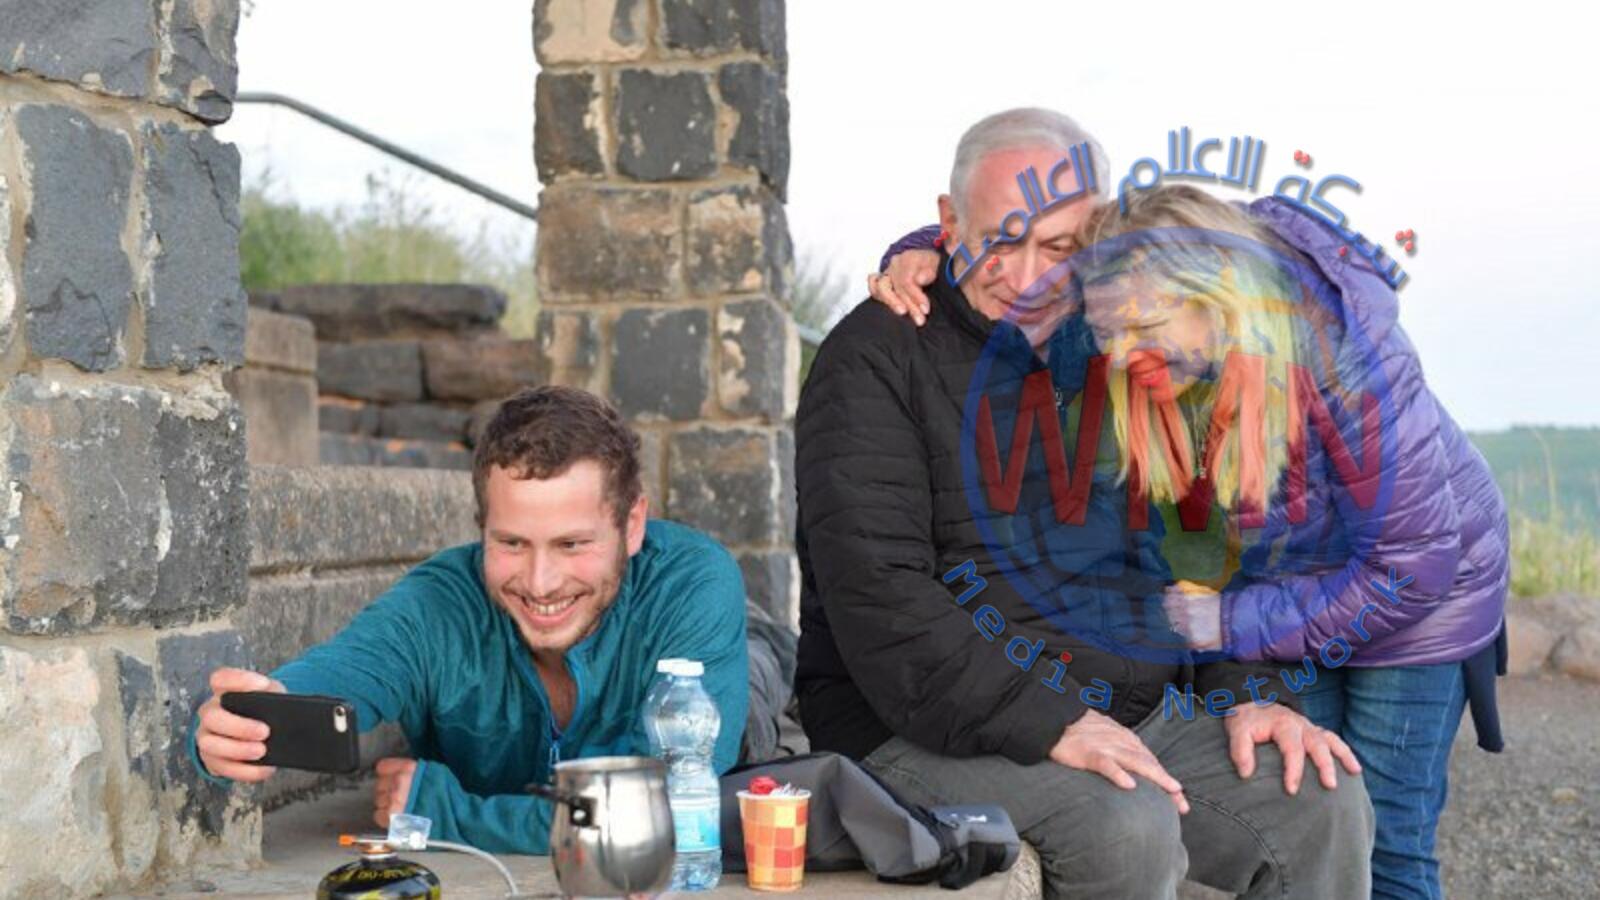 مظاهرات في اسرائيل ترفض تحصين نتنياهو ضد الفساد